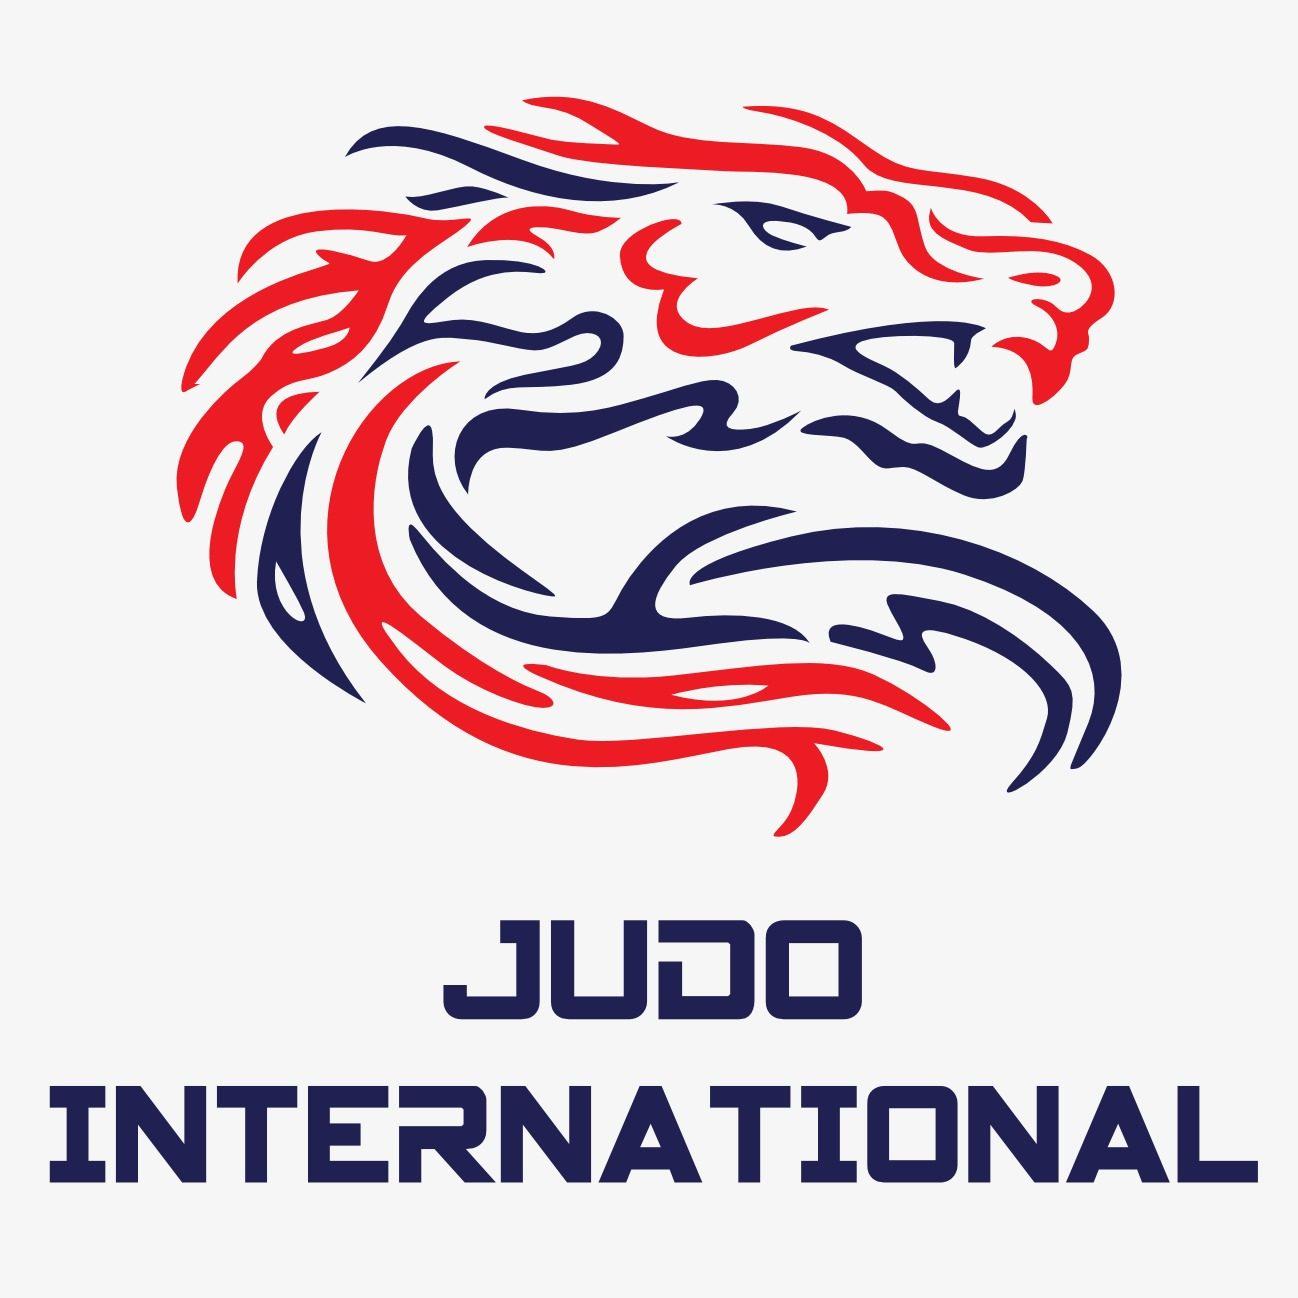 JUDO INTERNATIONAL